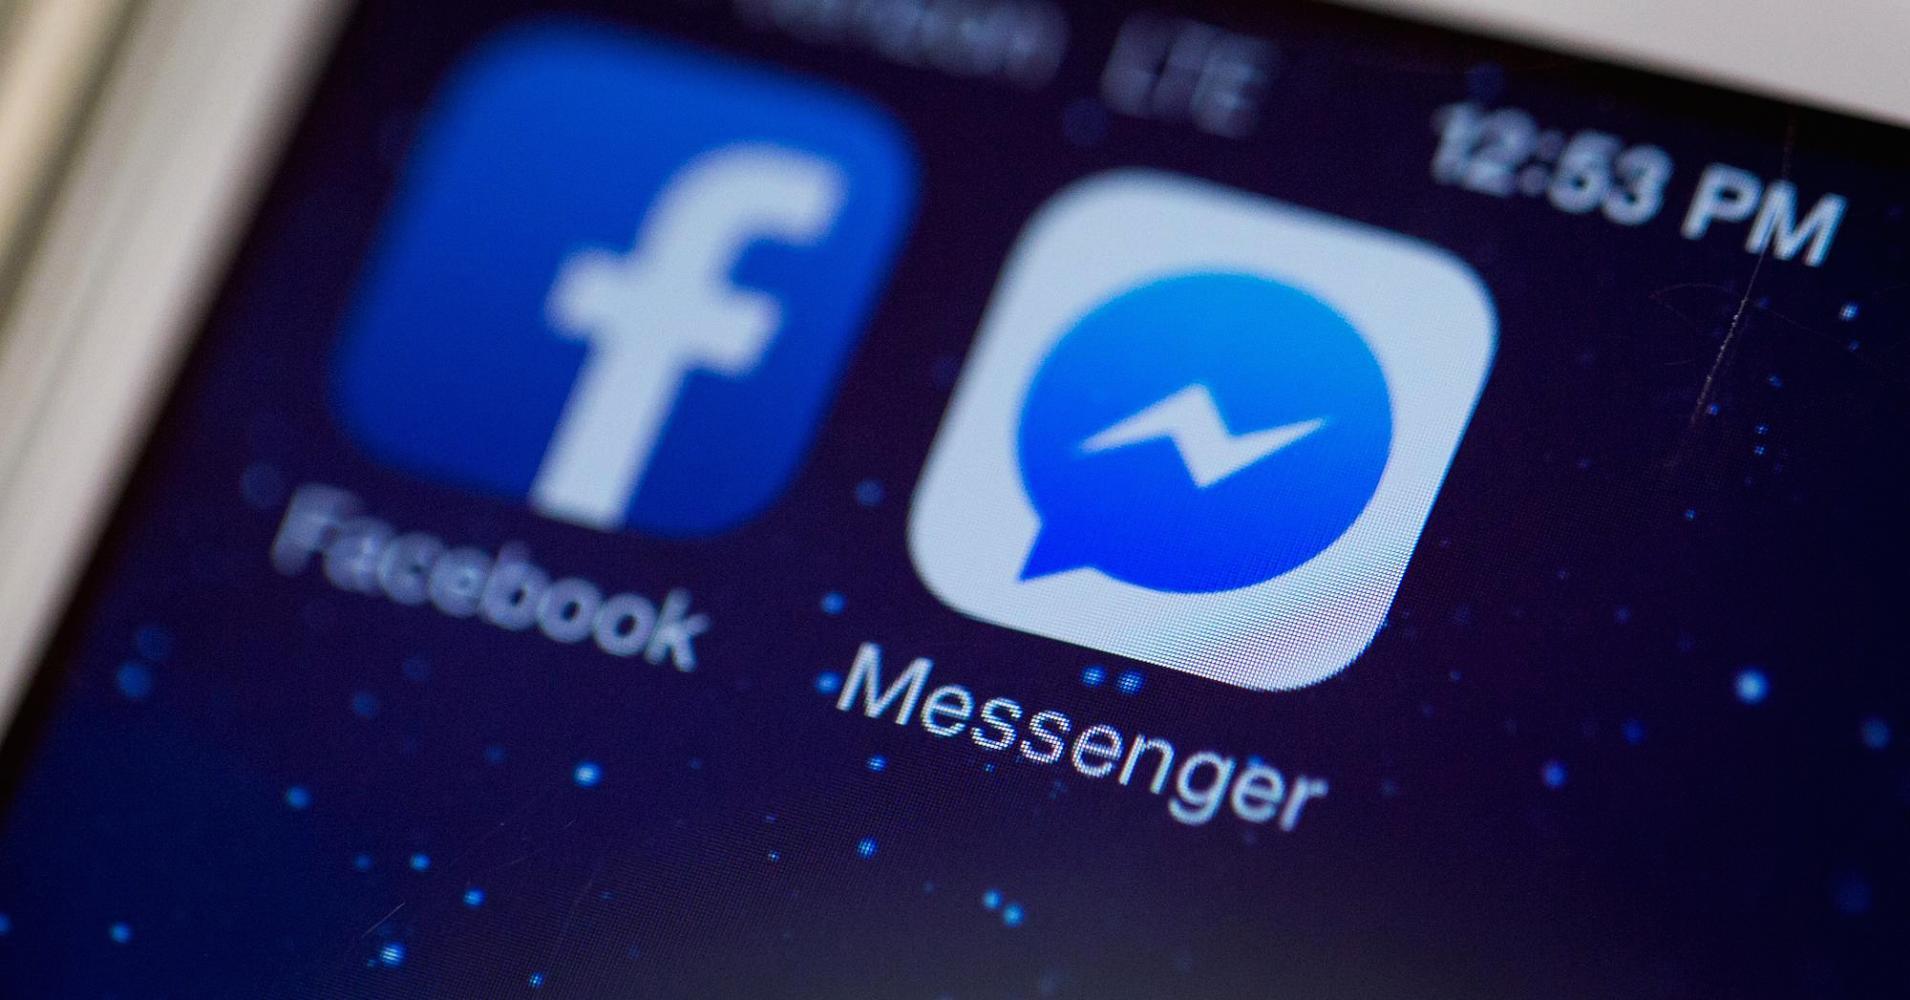 کاربران مسینجر فیس بوک به 800 میلیون نفر رسید